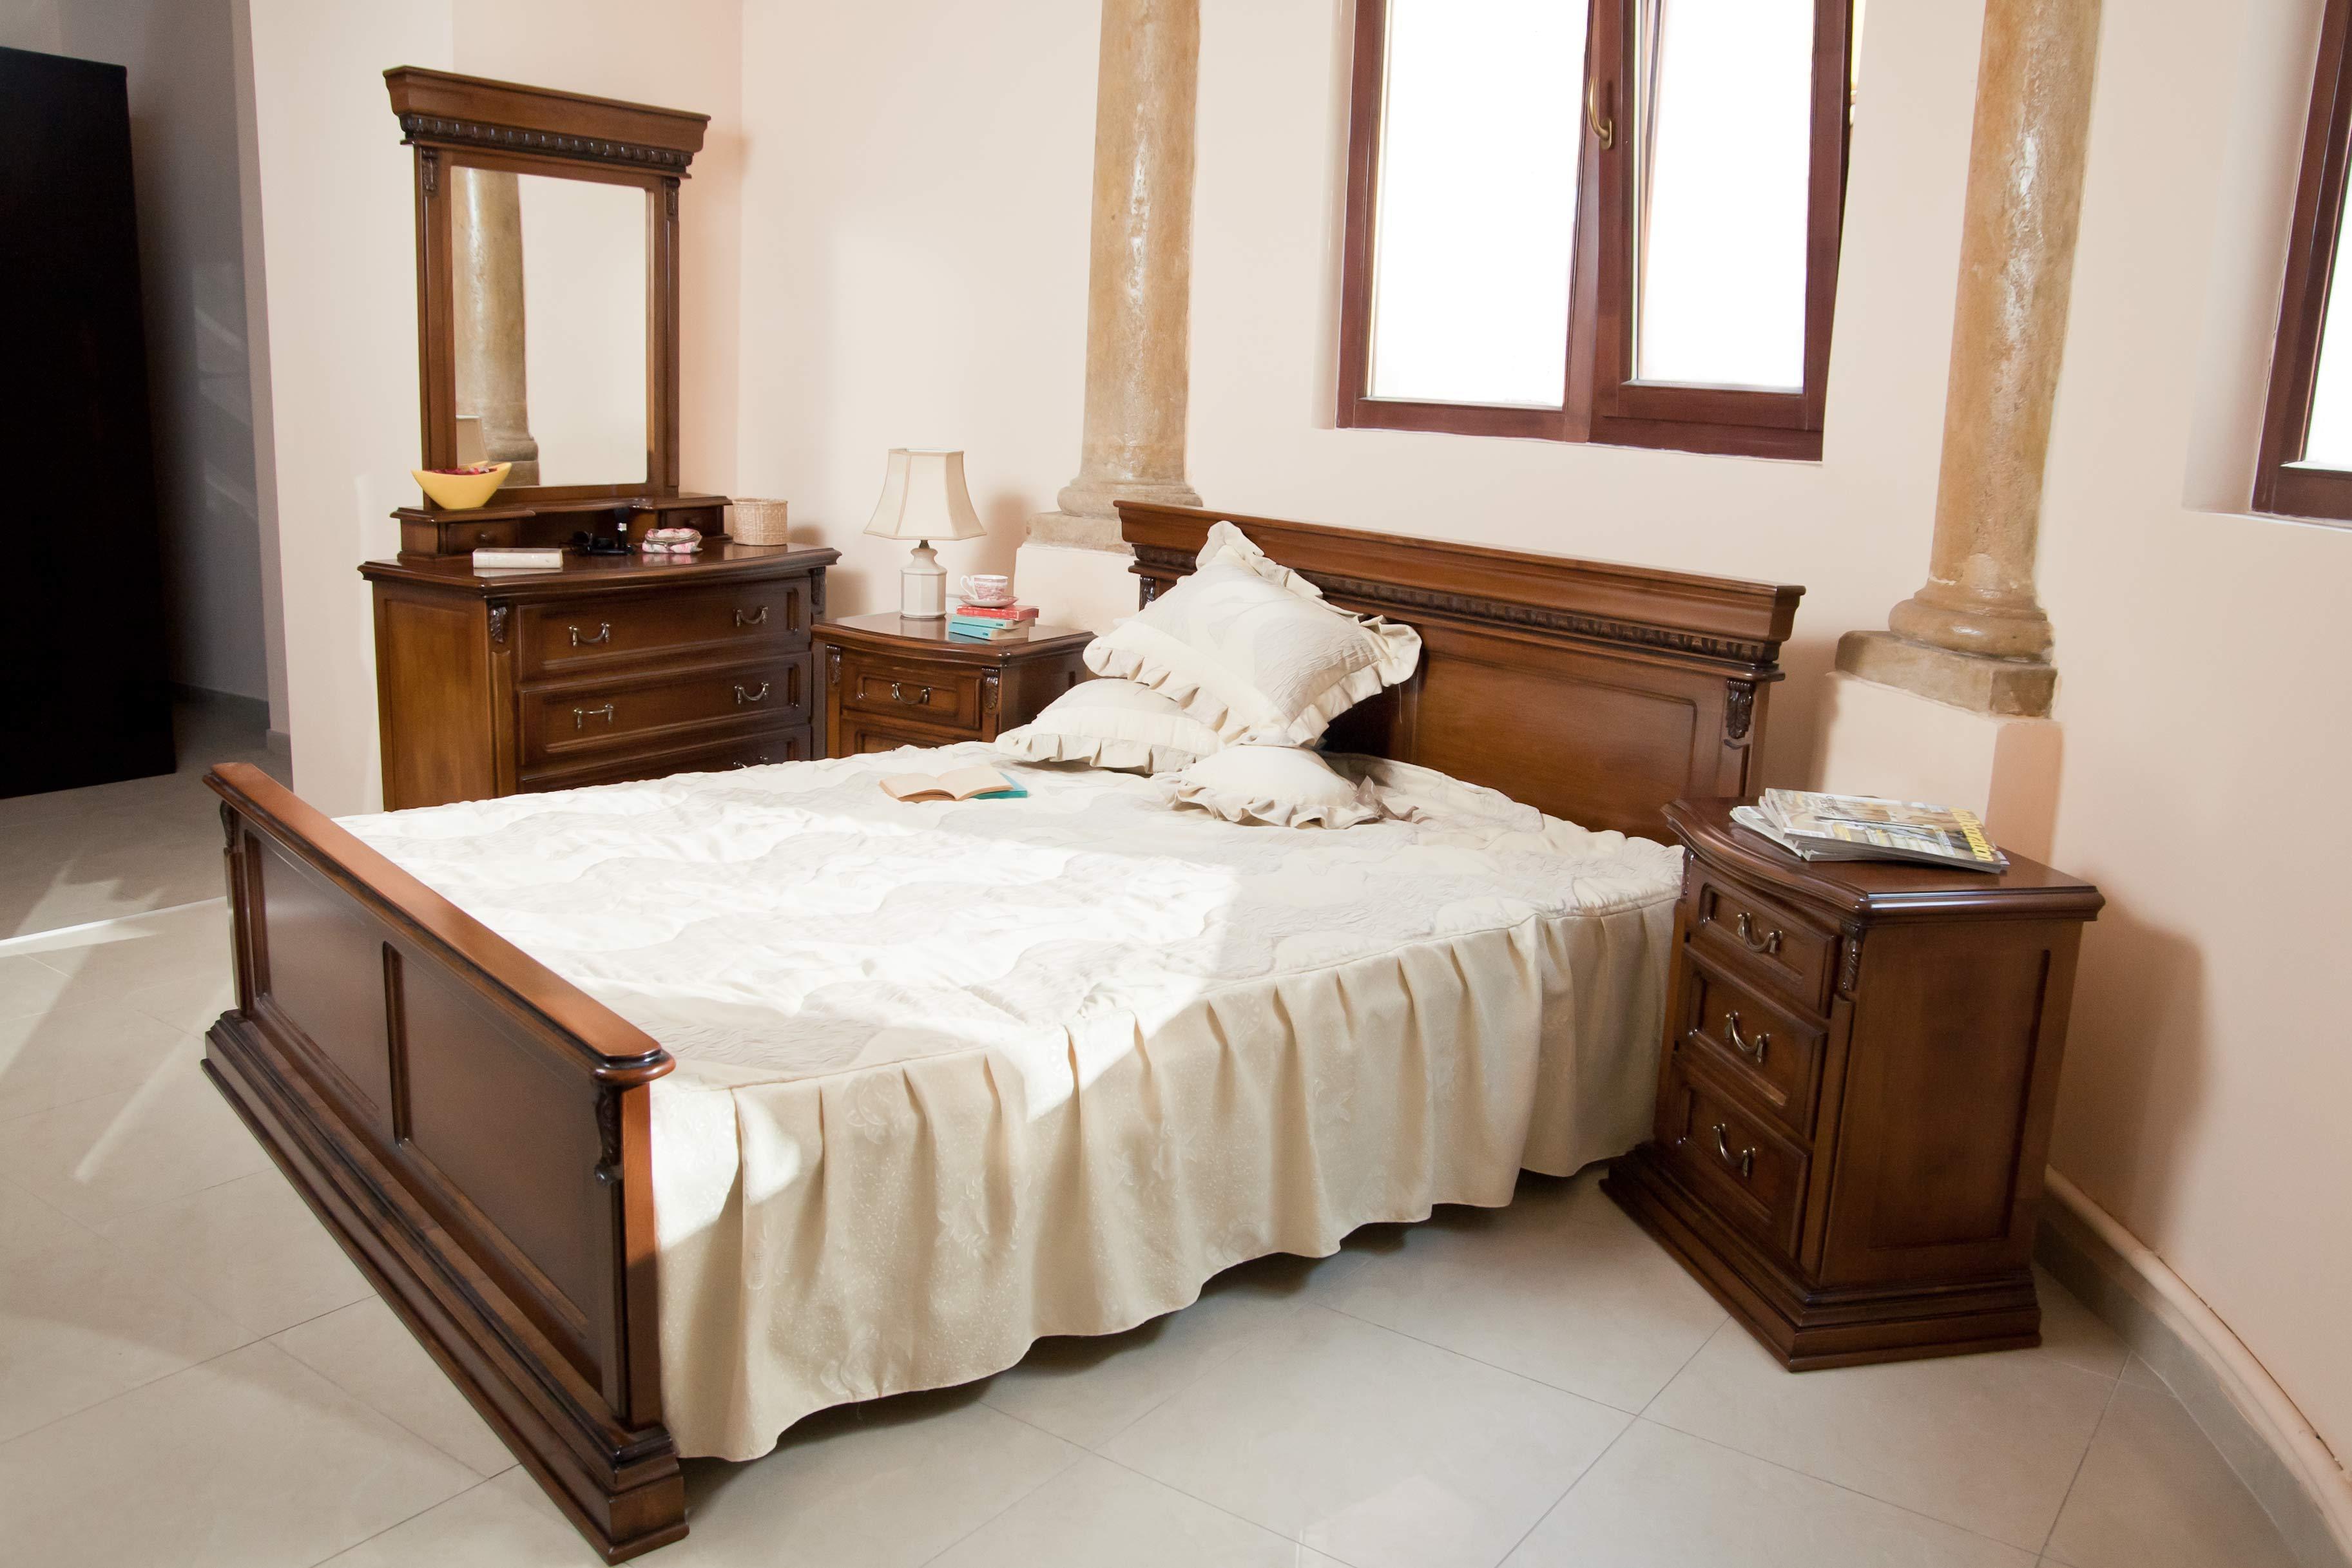 Arredamento camera da letto tradizionale 1 0 100 0 for Arredamento zen camera da letto